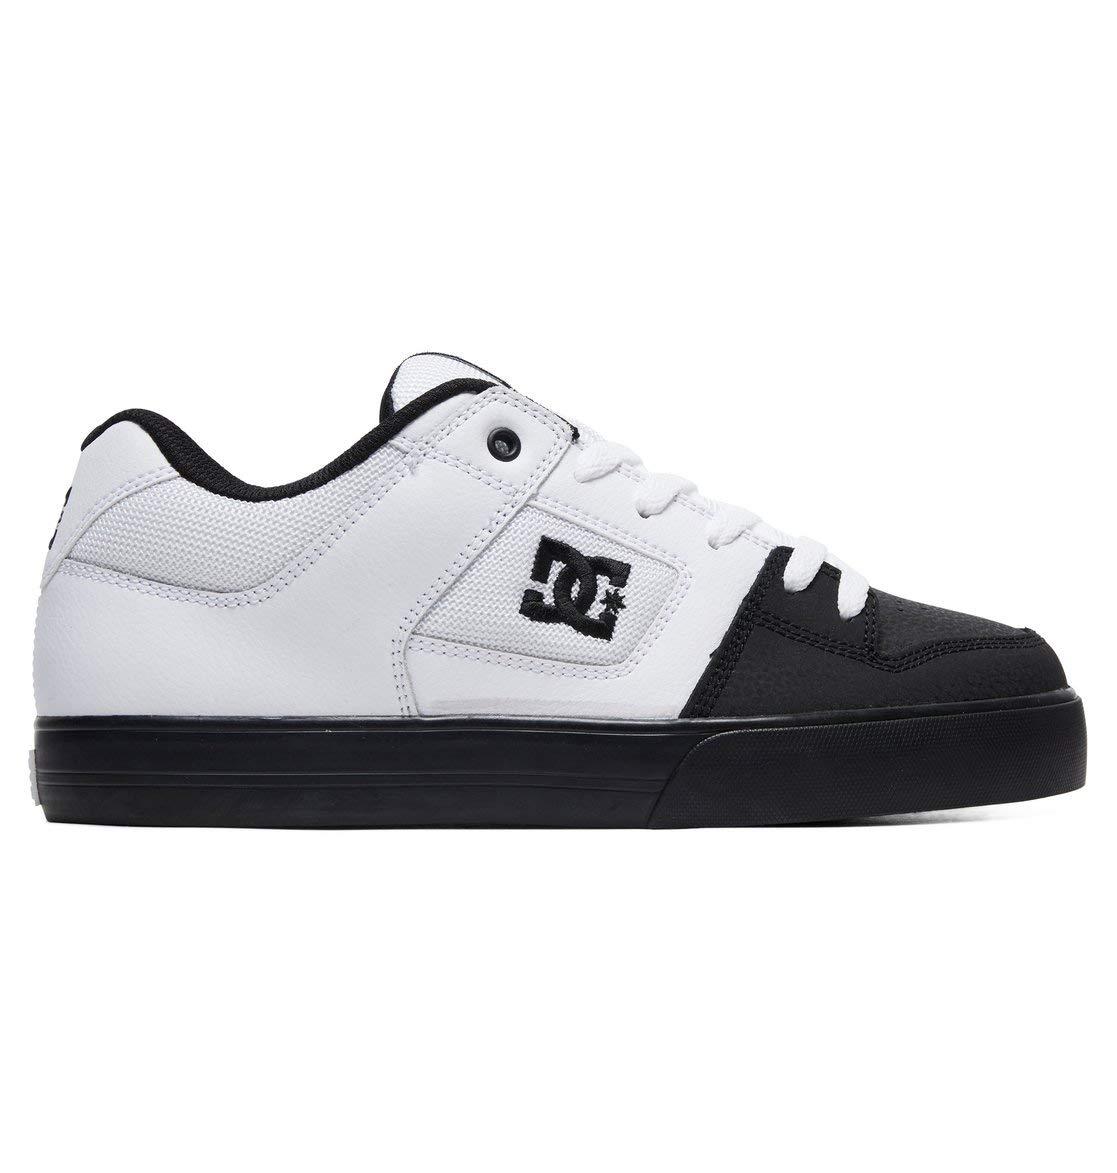 DC Shoes Mens Shoes Pure - Shoes - Men - 6 - White White/Black/Black 6